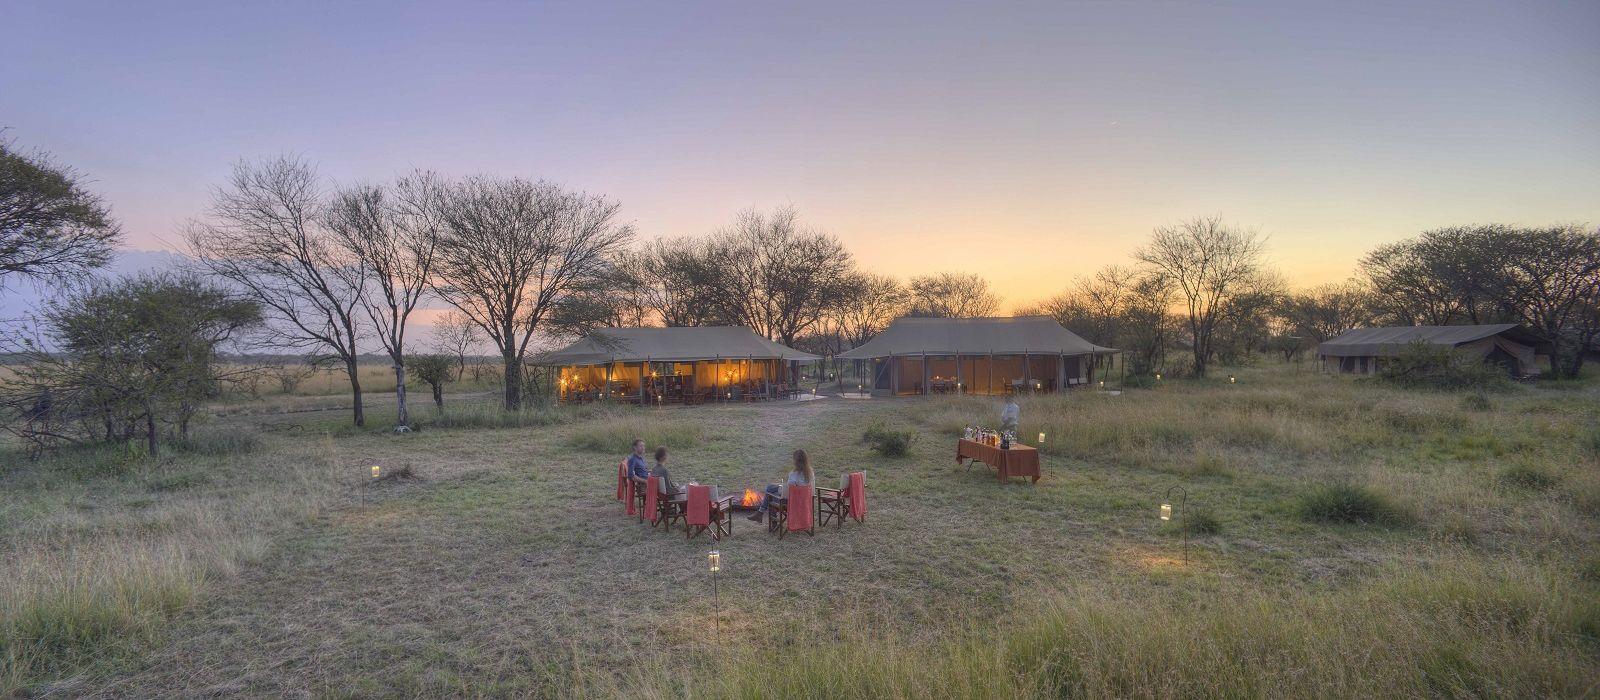 Hotel Olakira Migration Camp Tanzania